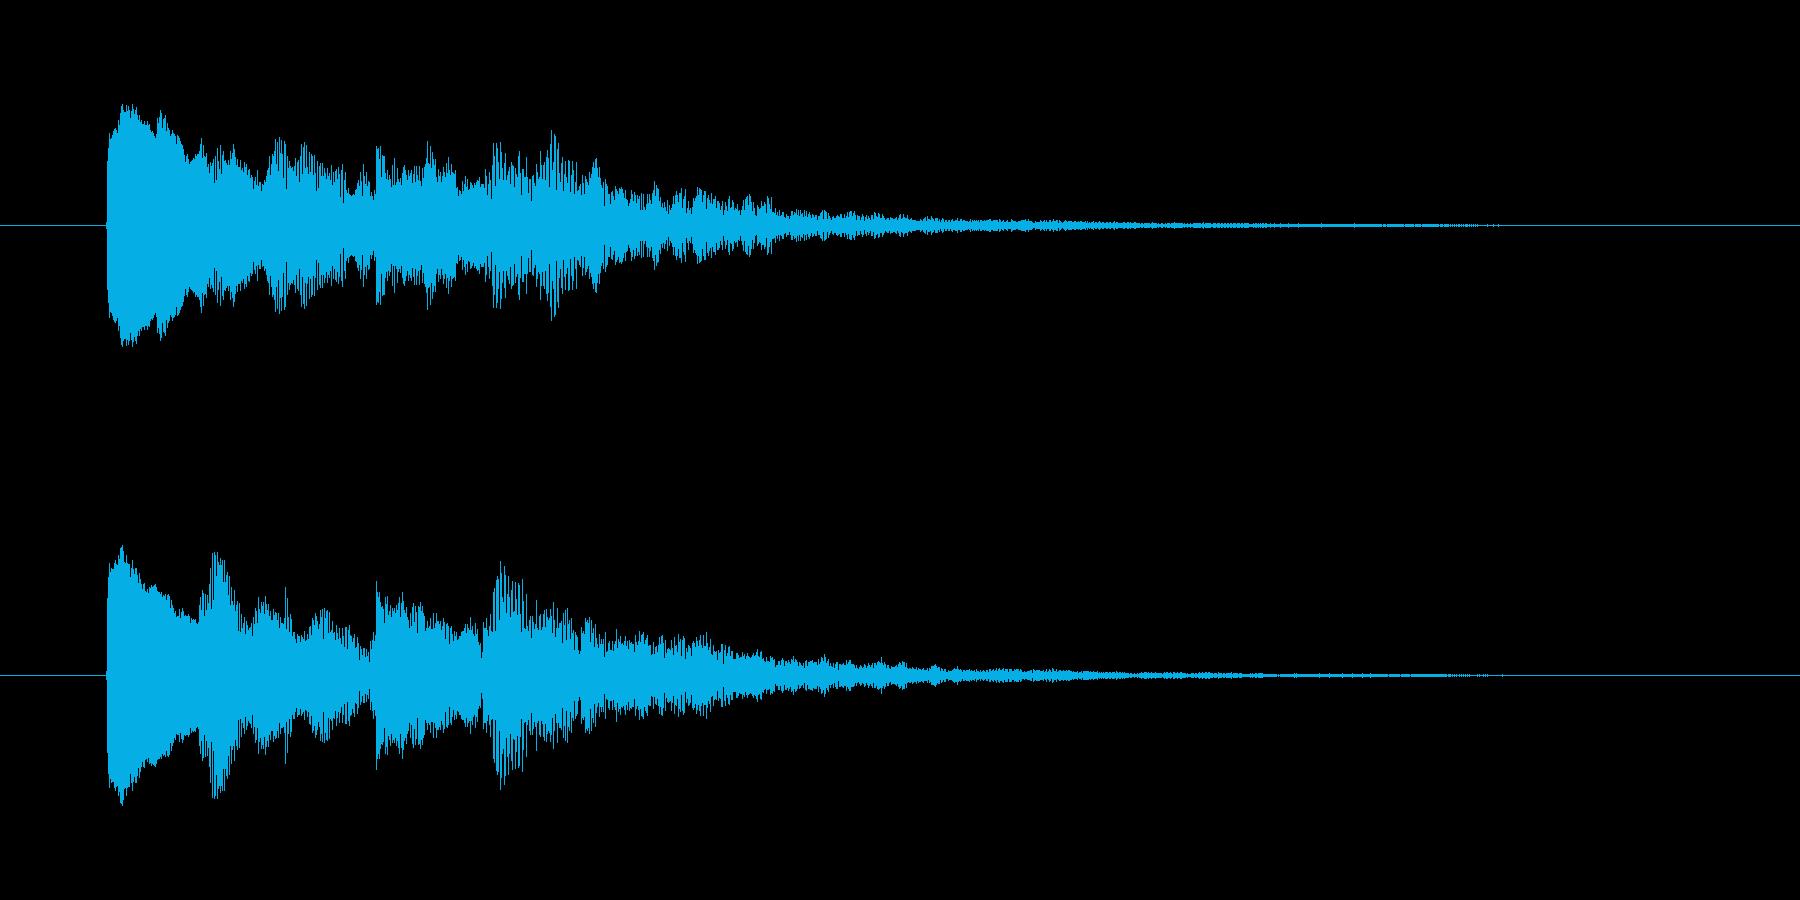 美しい弦楽器のメロディーの再生済みの波形